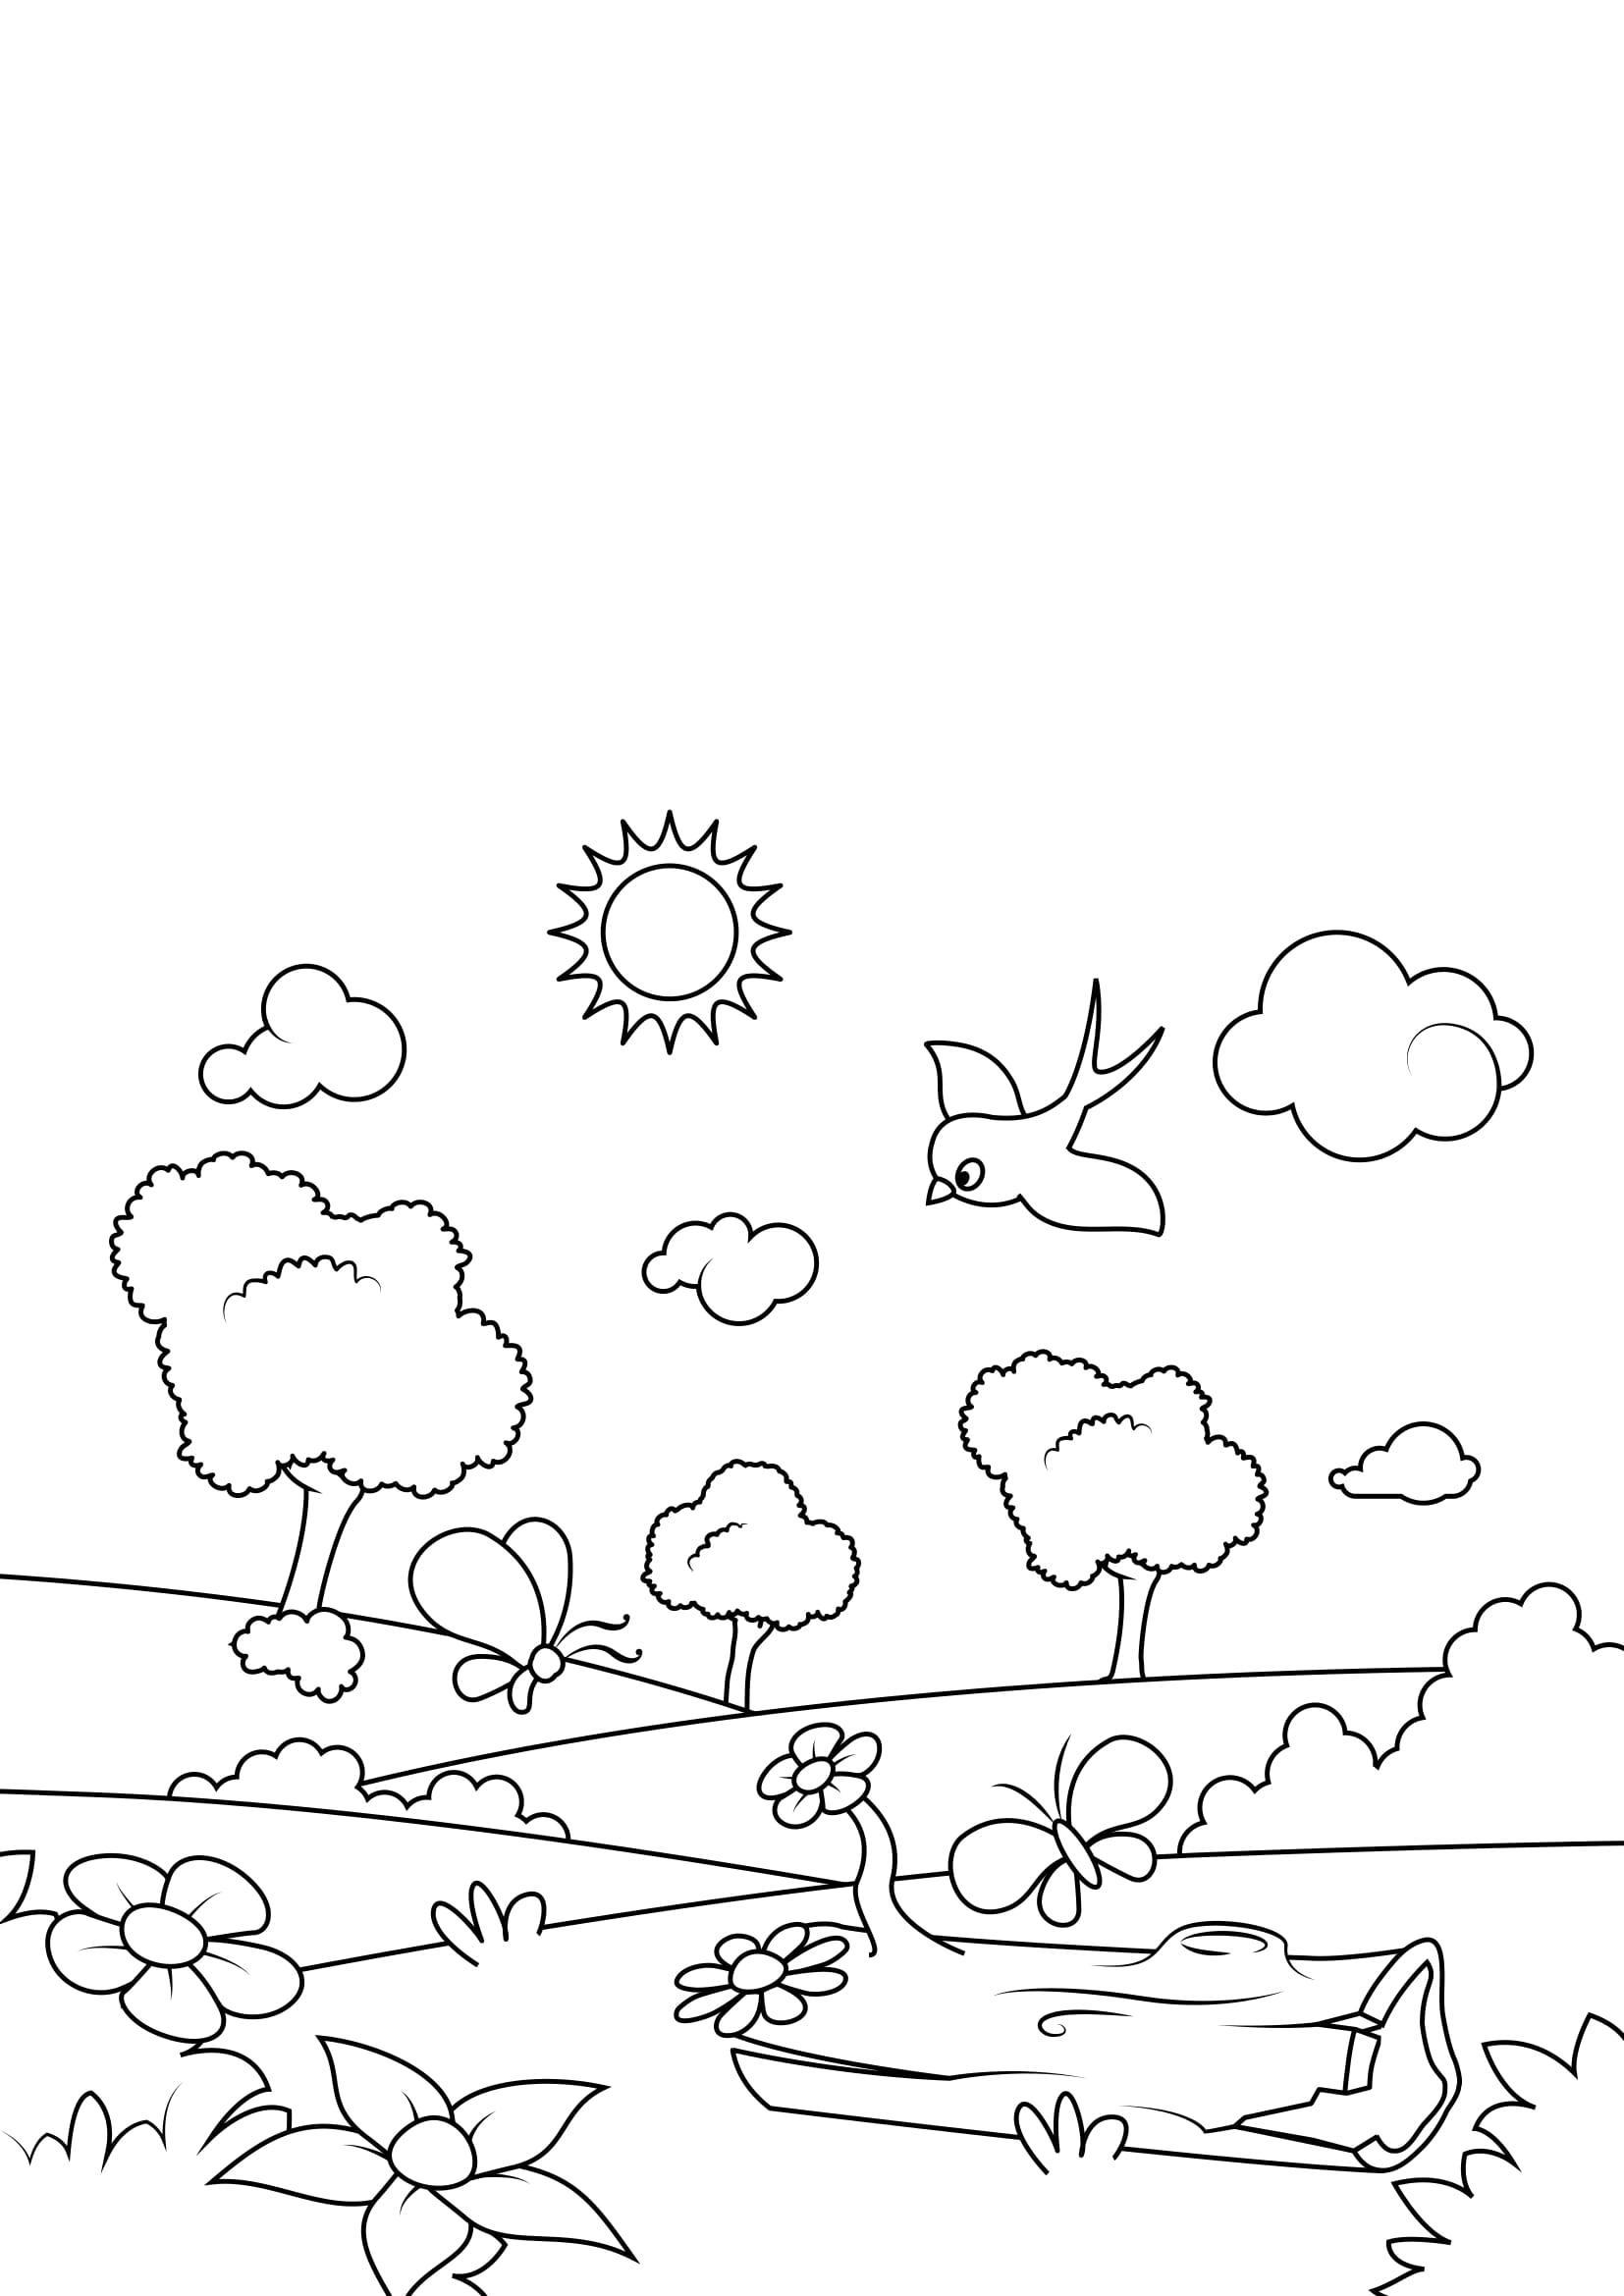 Malvorlage Frühling im Wald - Kostenlose Ausmalbilder Zum